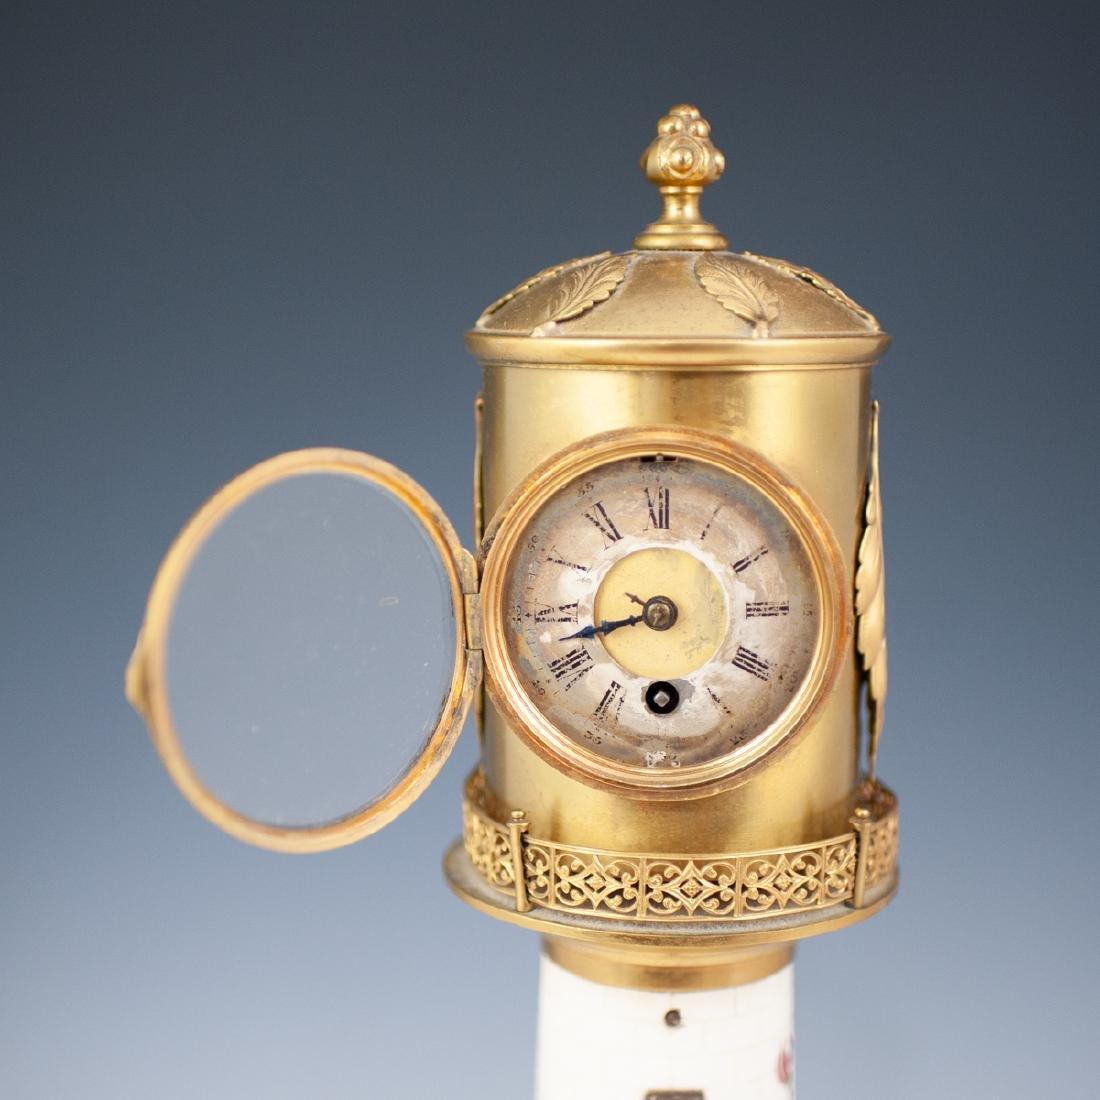 Antique Porcelain Lighthouse Clock/Barometer - 9